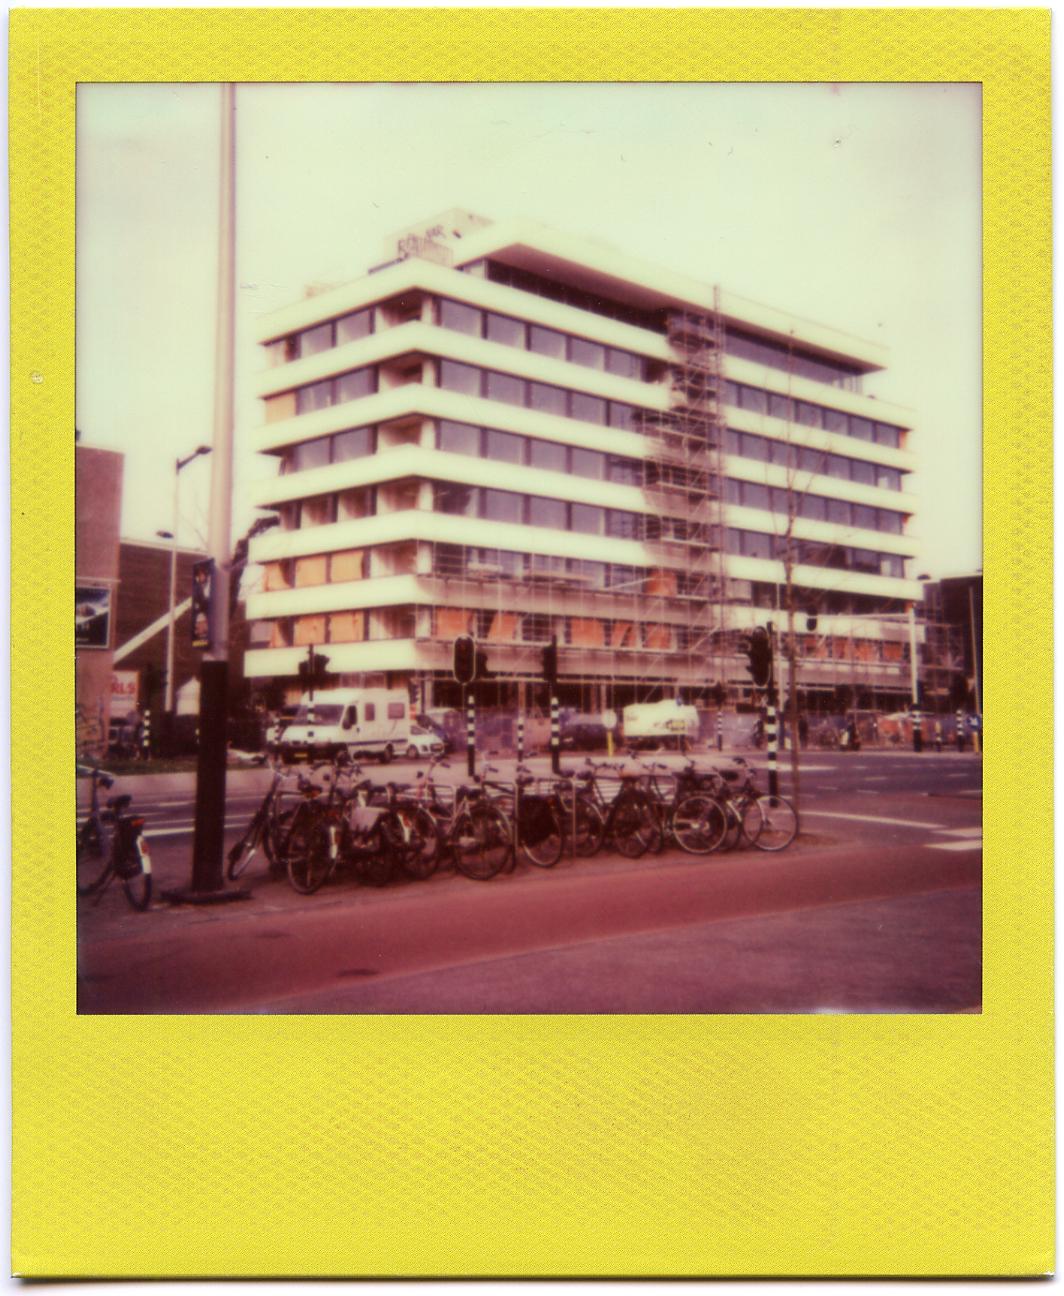 From Volkskrantgebouw to Volkshotel